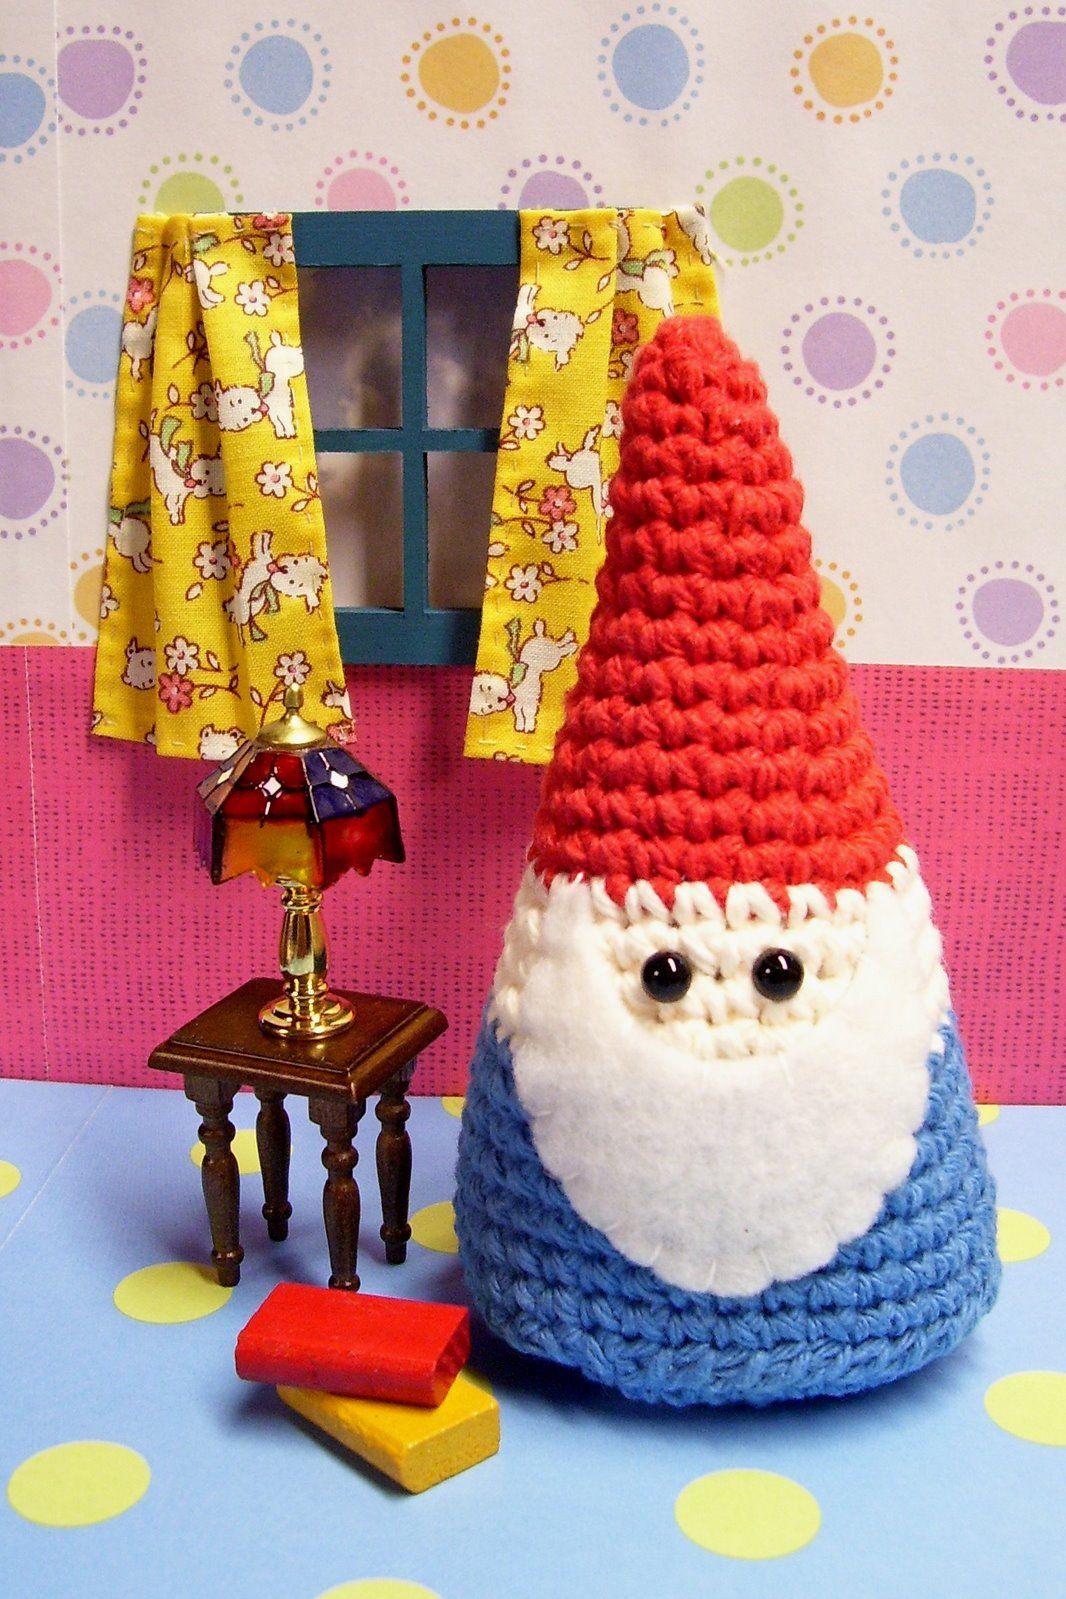 diy amigurumi gnome free pattern h keln pinterest h keln h keln crochet und stricken. Black Bedroom Furniture Sets. Home Design Ideas